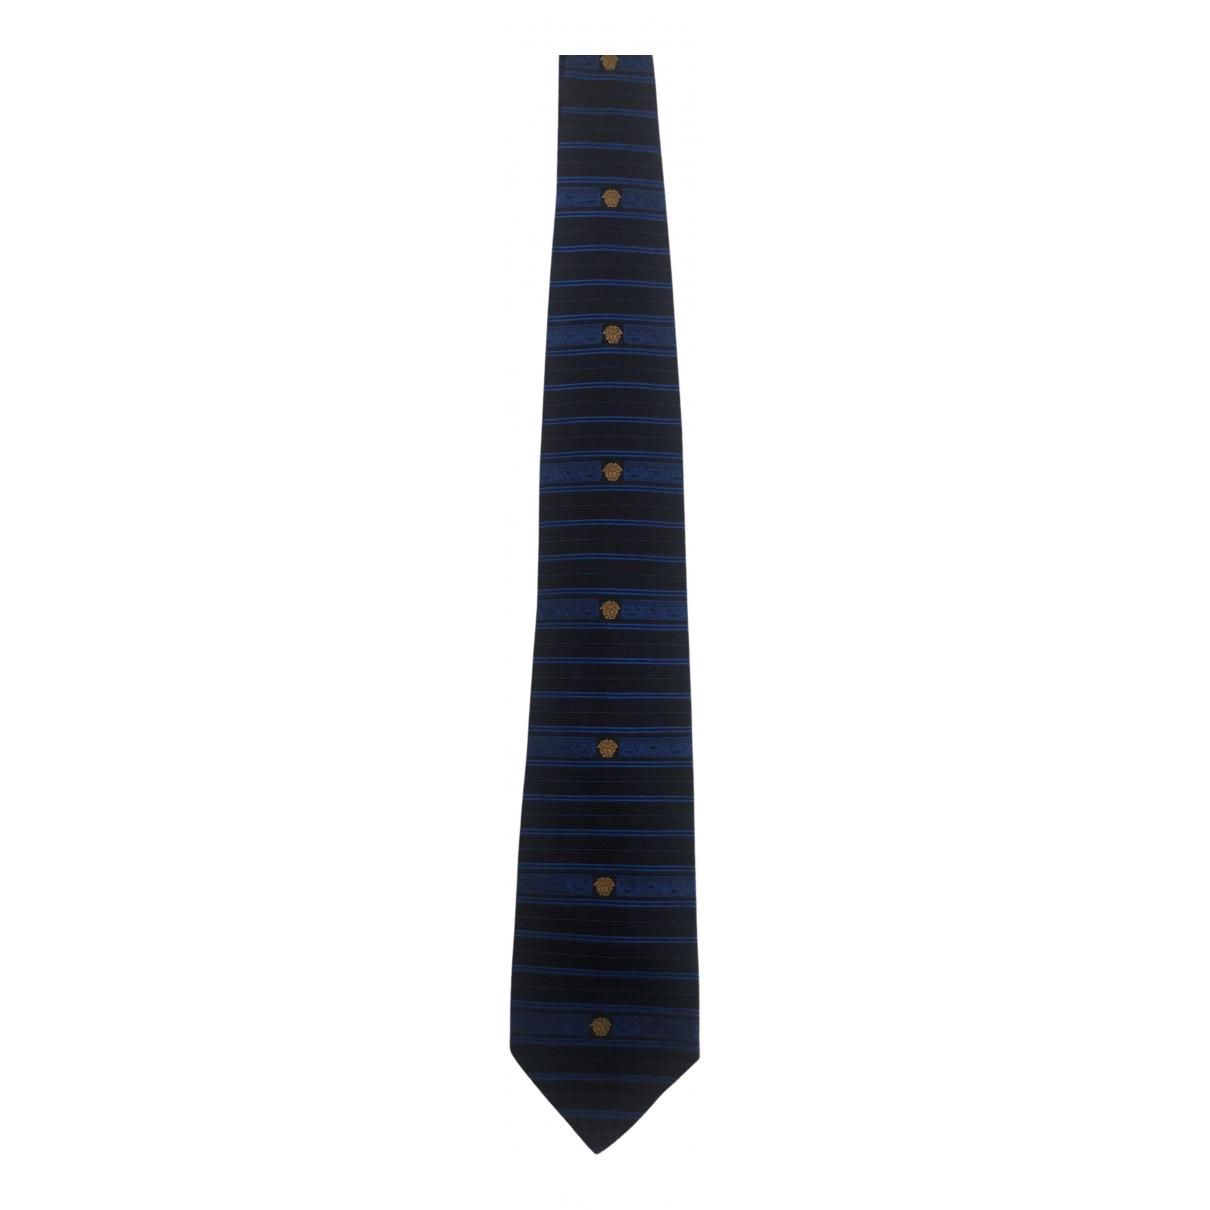 Gianni Versace - Cravates   pour homme en soie - bleu